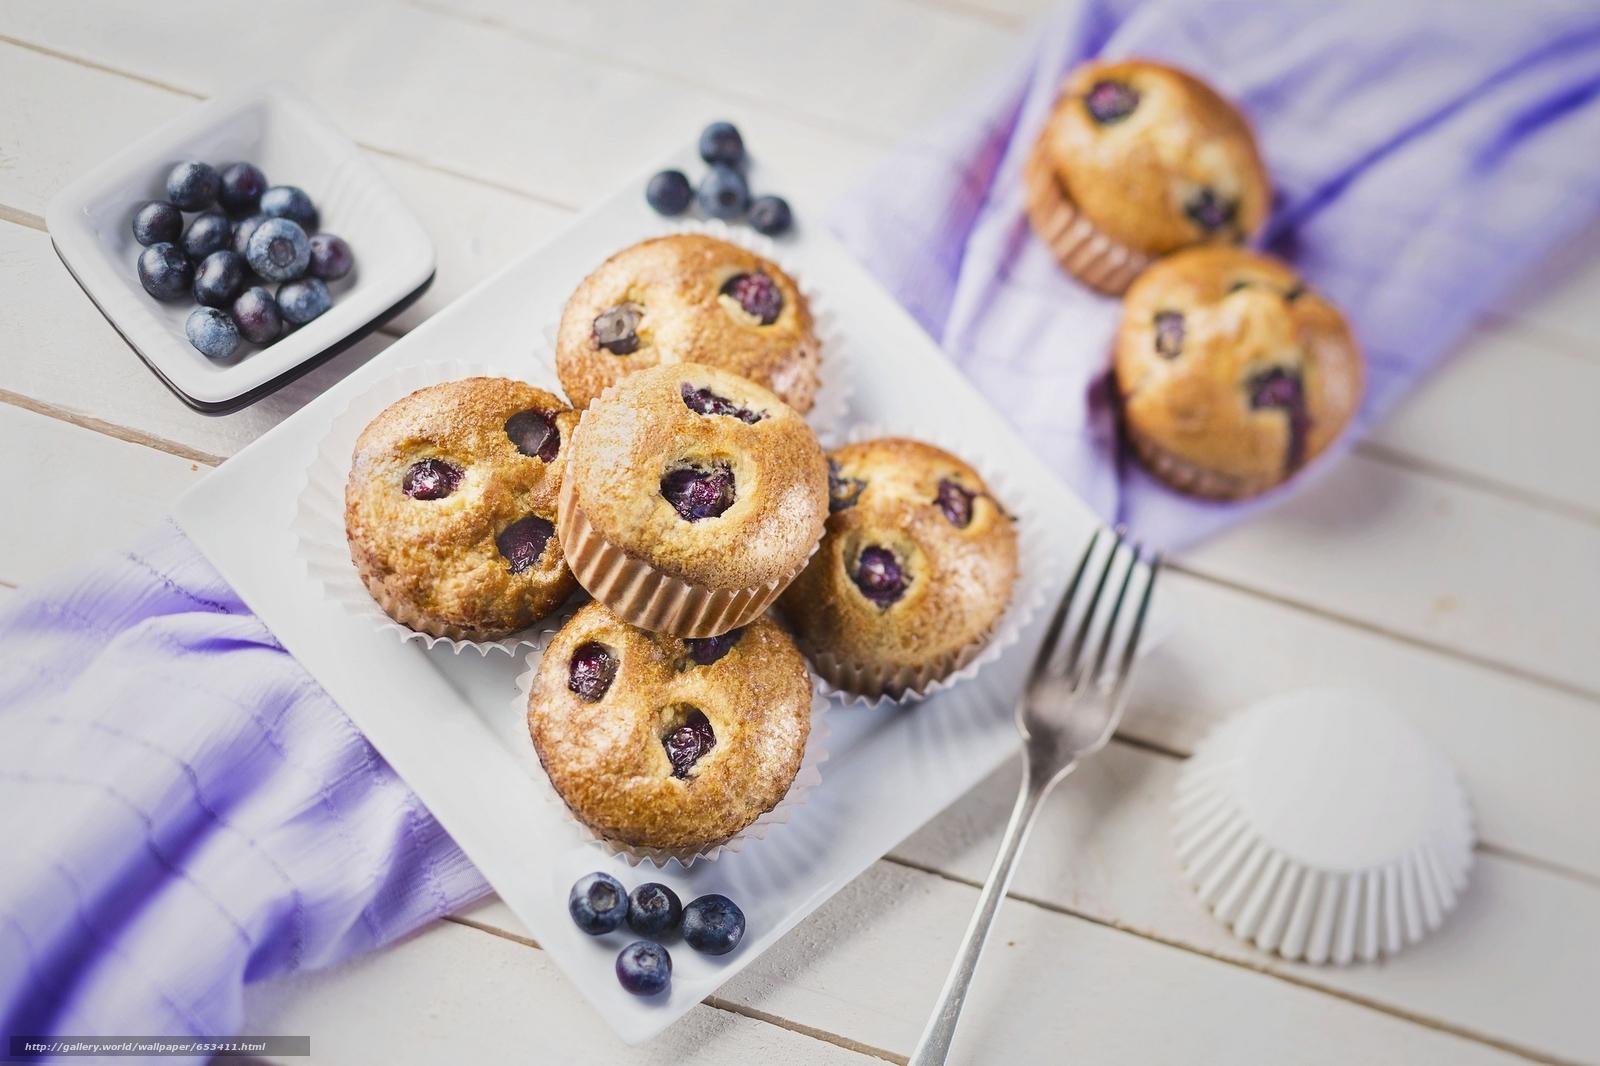 Скачать обои кекс,  кексы,  десерт,  сладости бесплатно для рабочего стола в разрешении 2048x1365 — картинка №653411